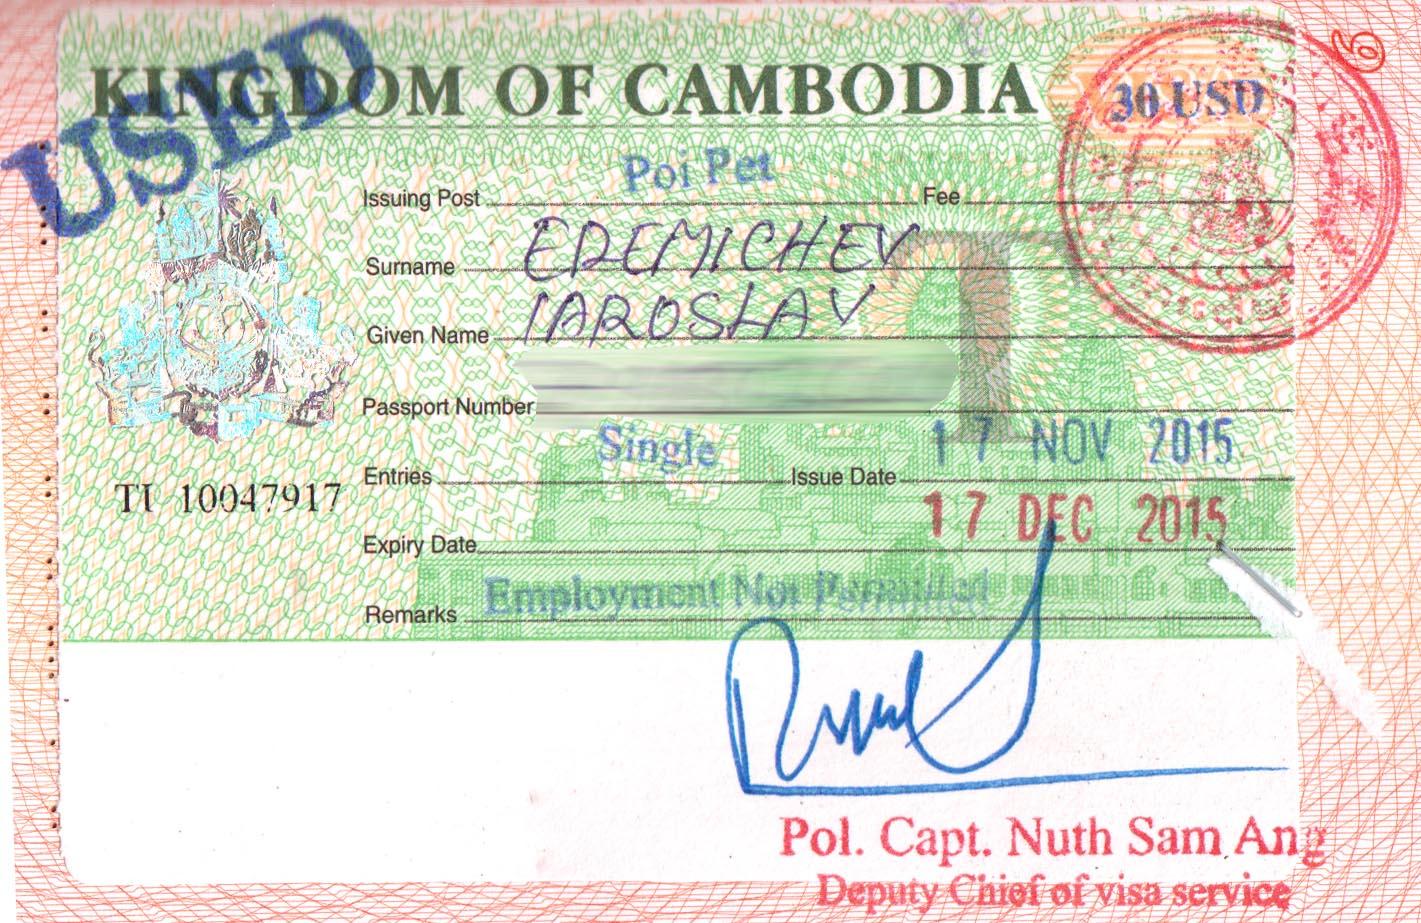 преимущества виза в камбоджу фотографии подает